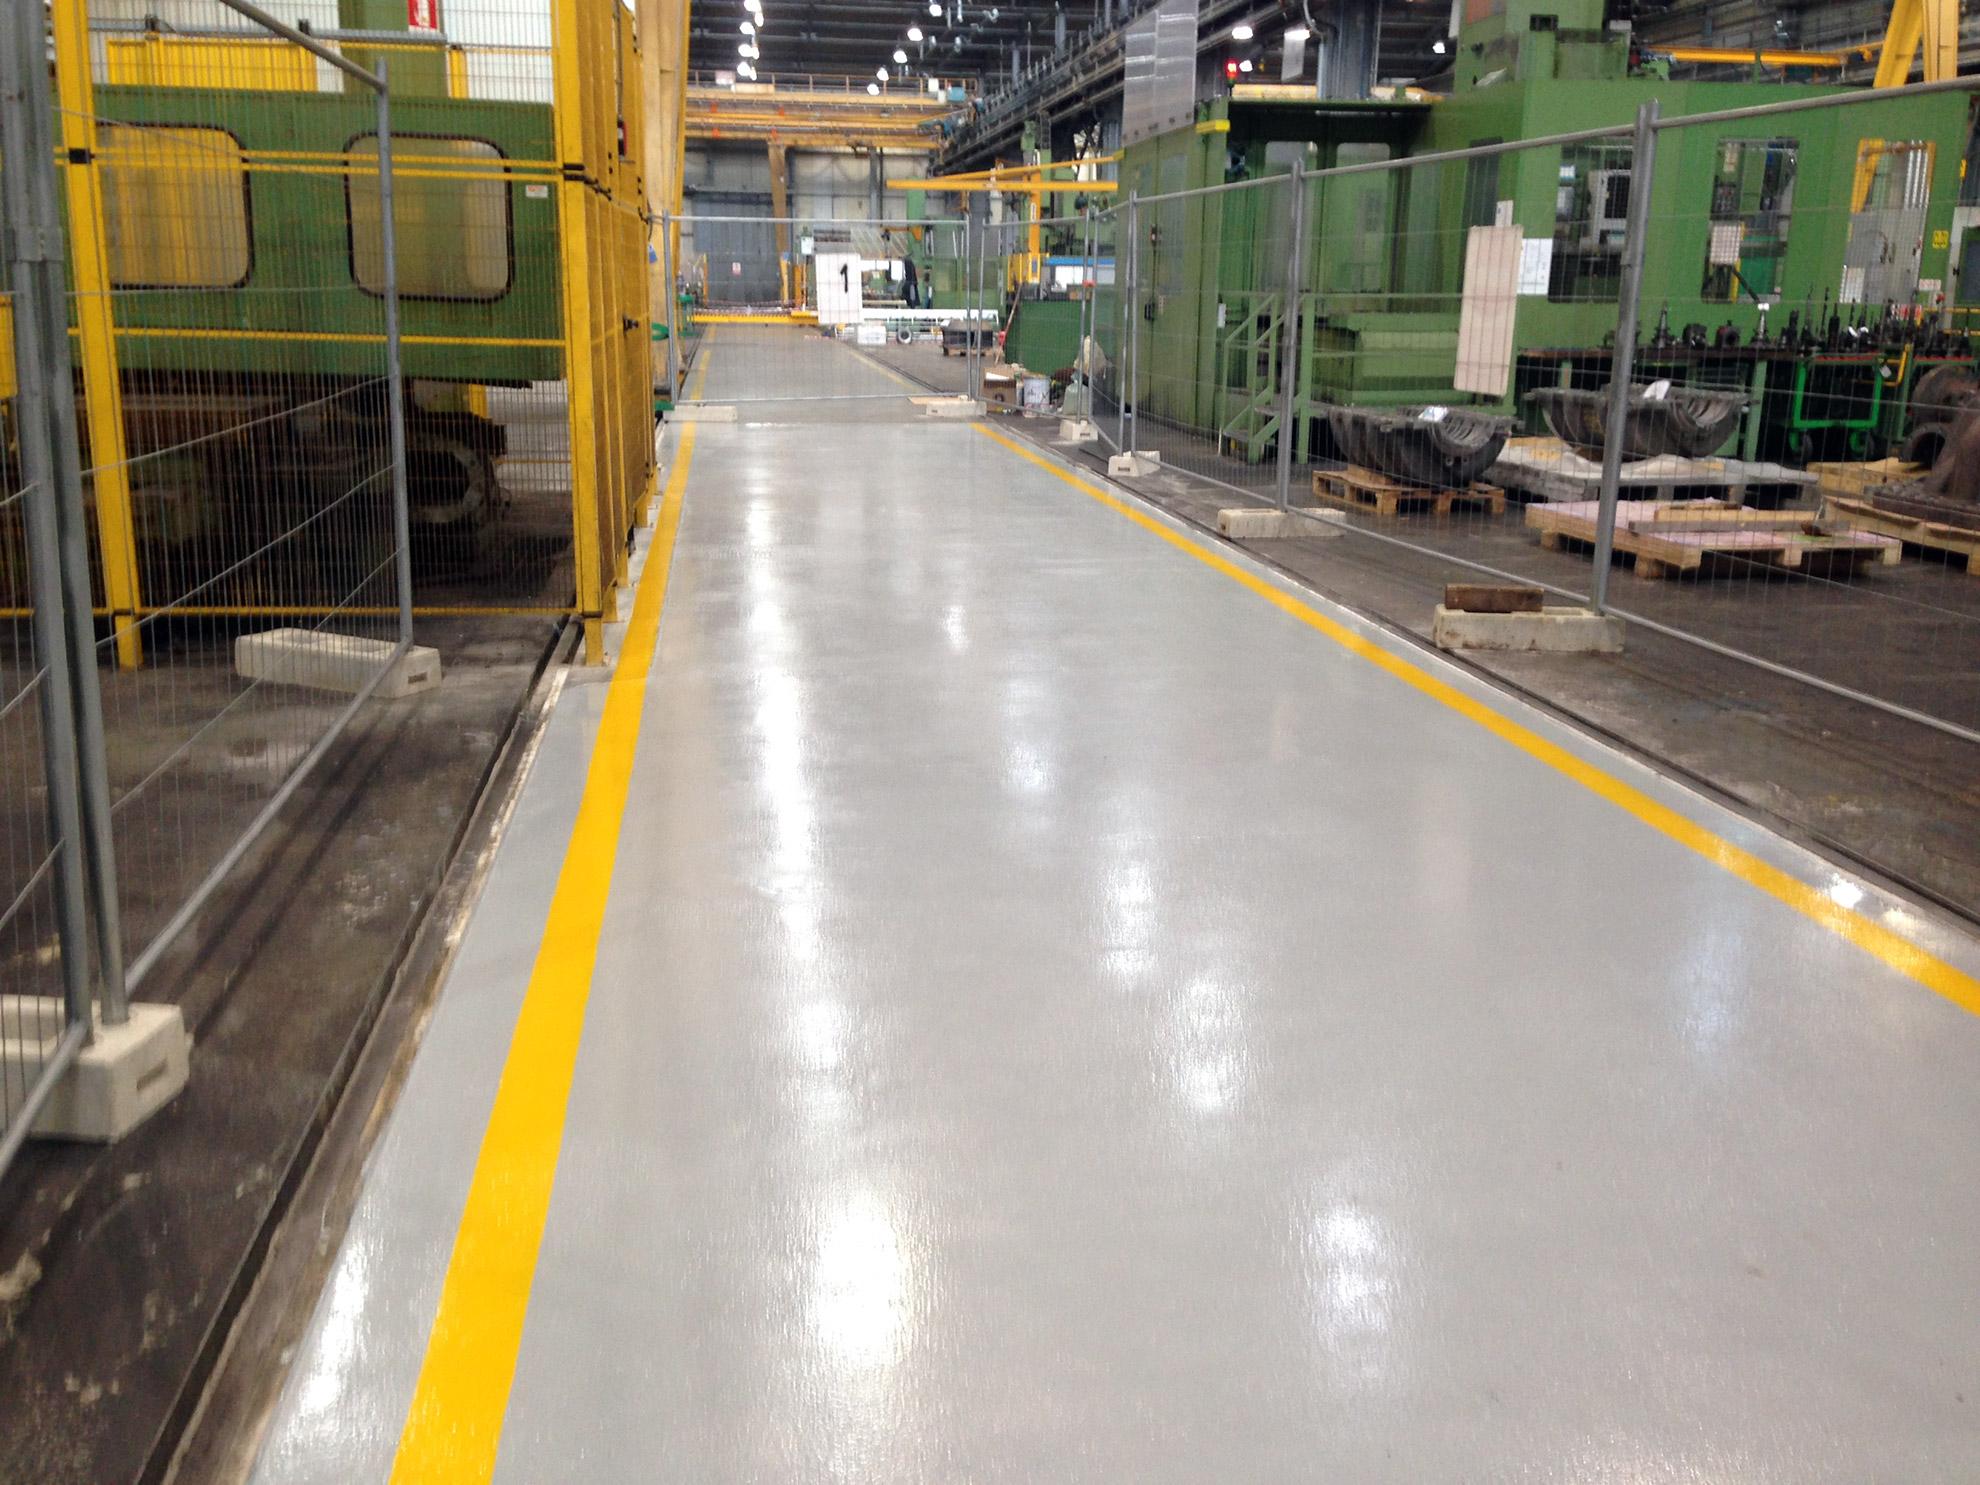 Aziende Modugno Zona Industriale pavimentazioni industriali - stima - impresa edile modugno